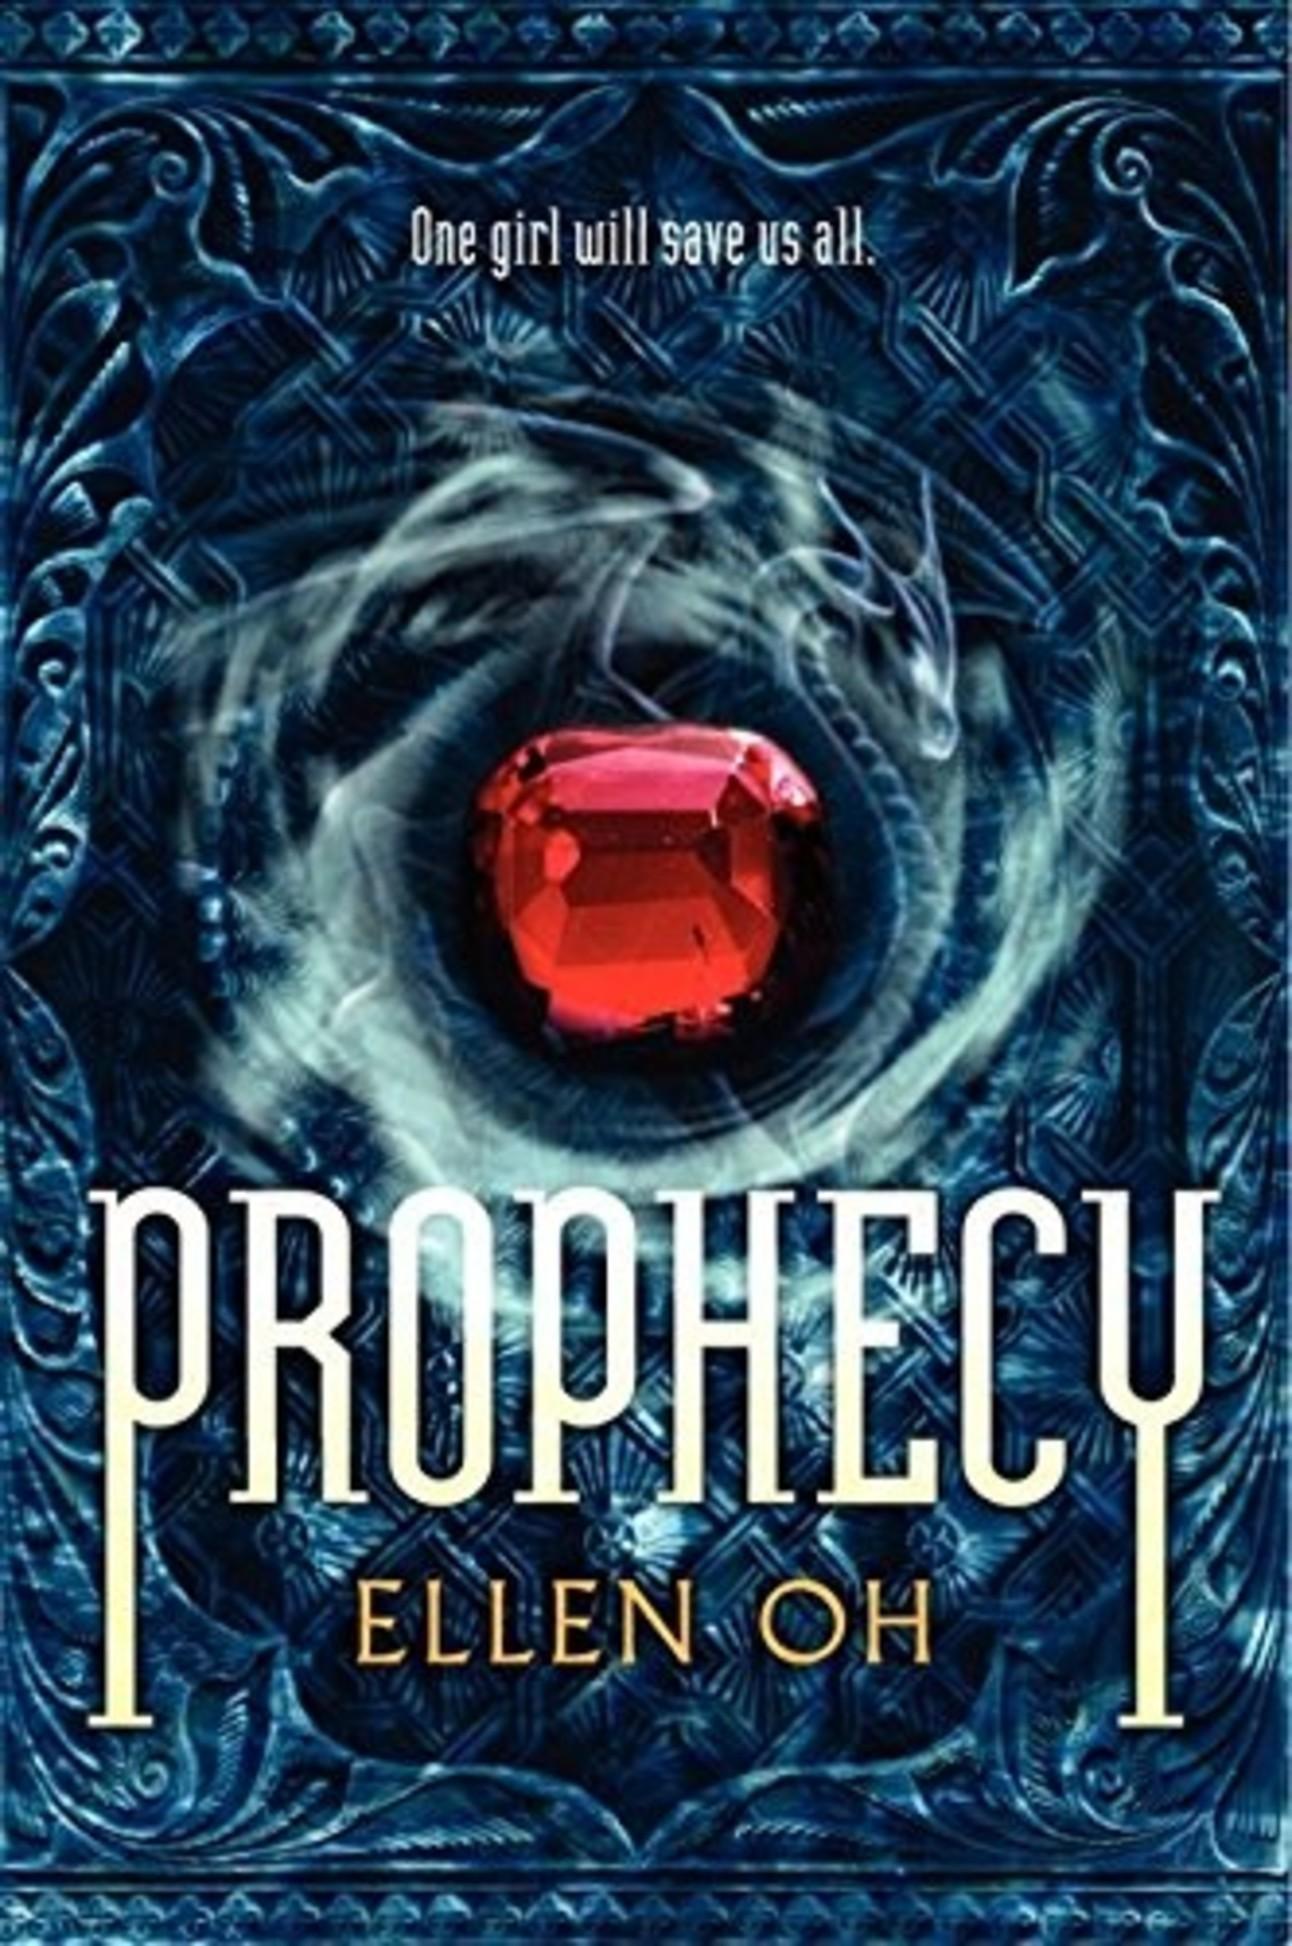 prophecy ellen oh